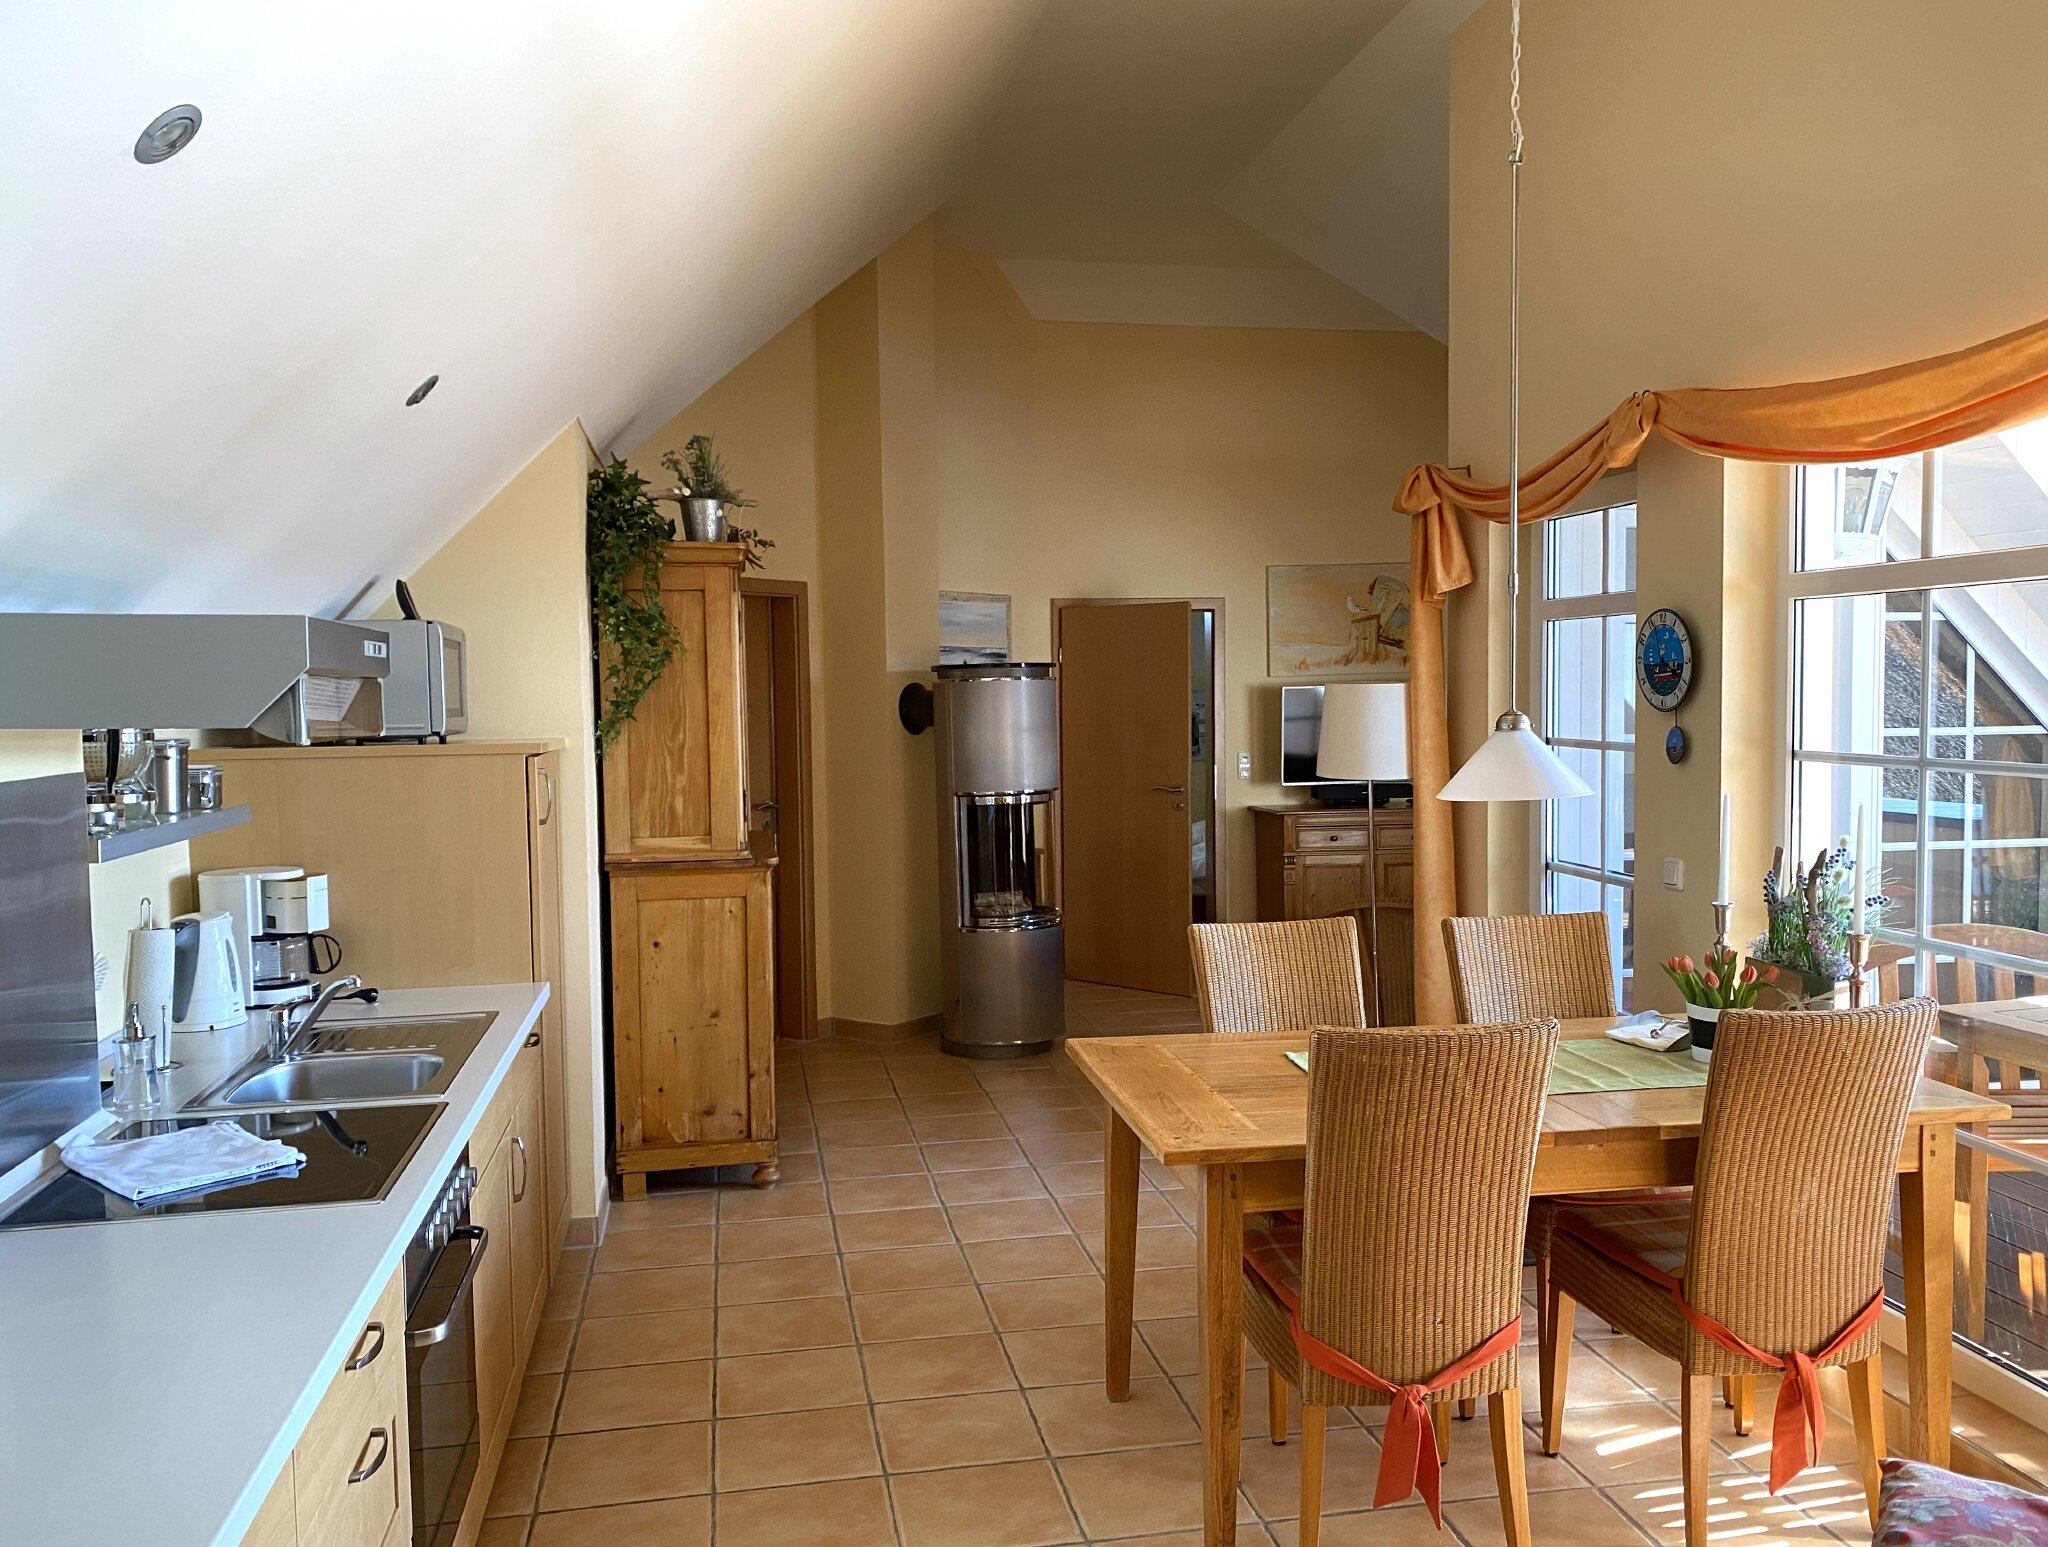 Wohnraum mit hoher Decke